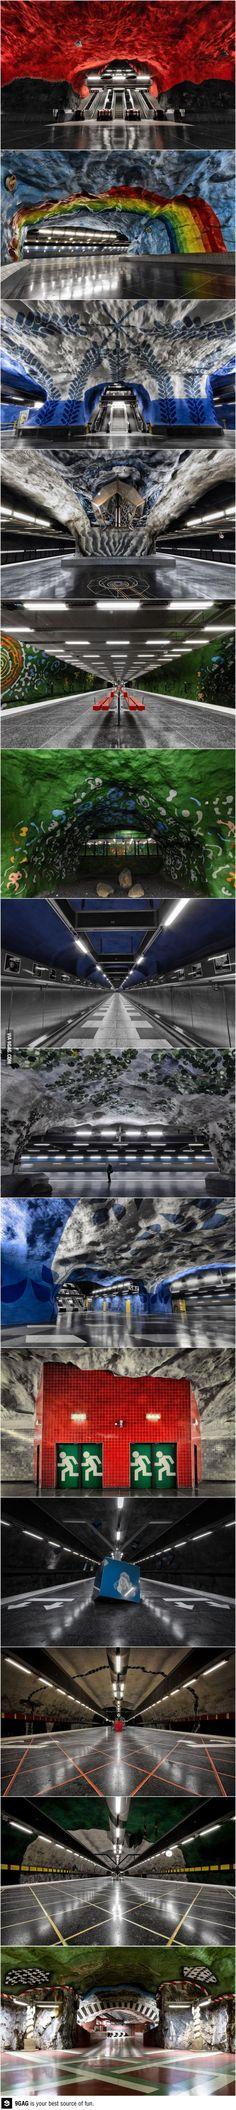 Stunning underground art In Stockholm's metro station